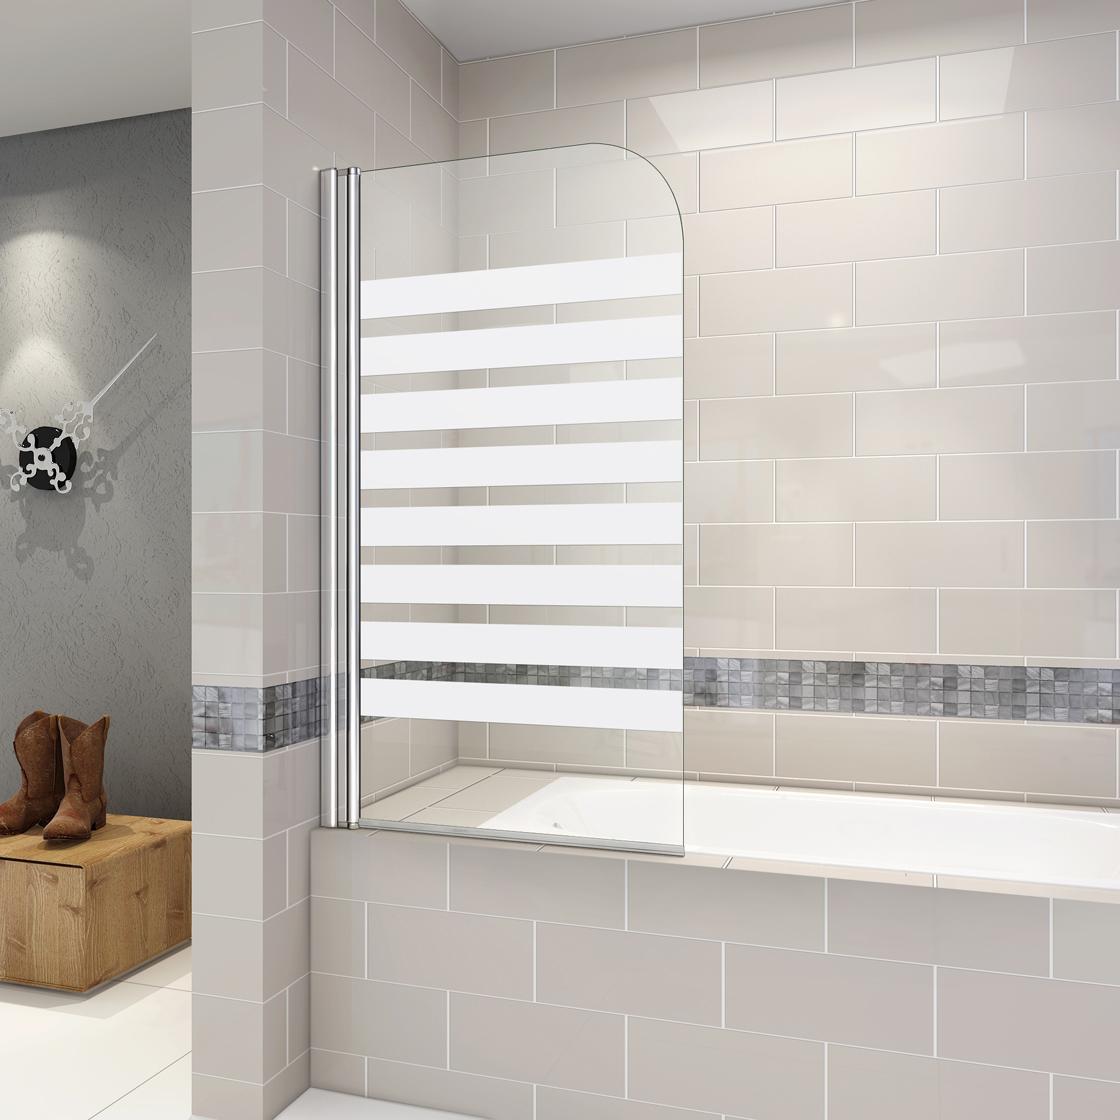 80x140cmbadewannen faltwand duschwand duschabtrennungnano glas badewannenaufsatz. Black Bedroom Furniture Sets. Home Design Ideas